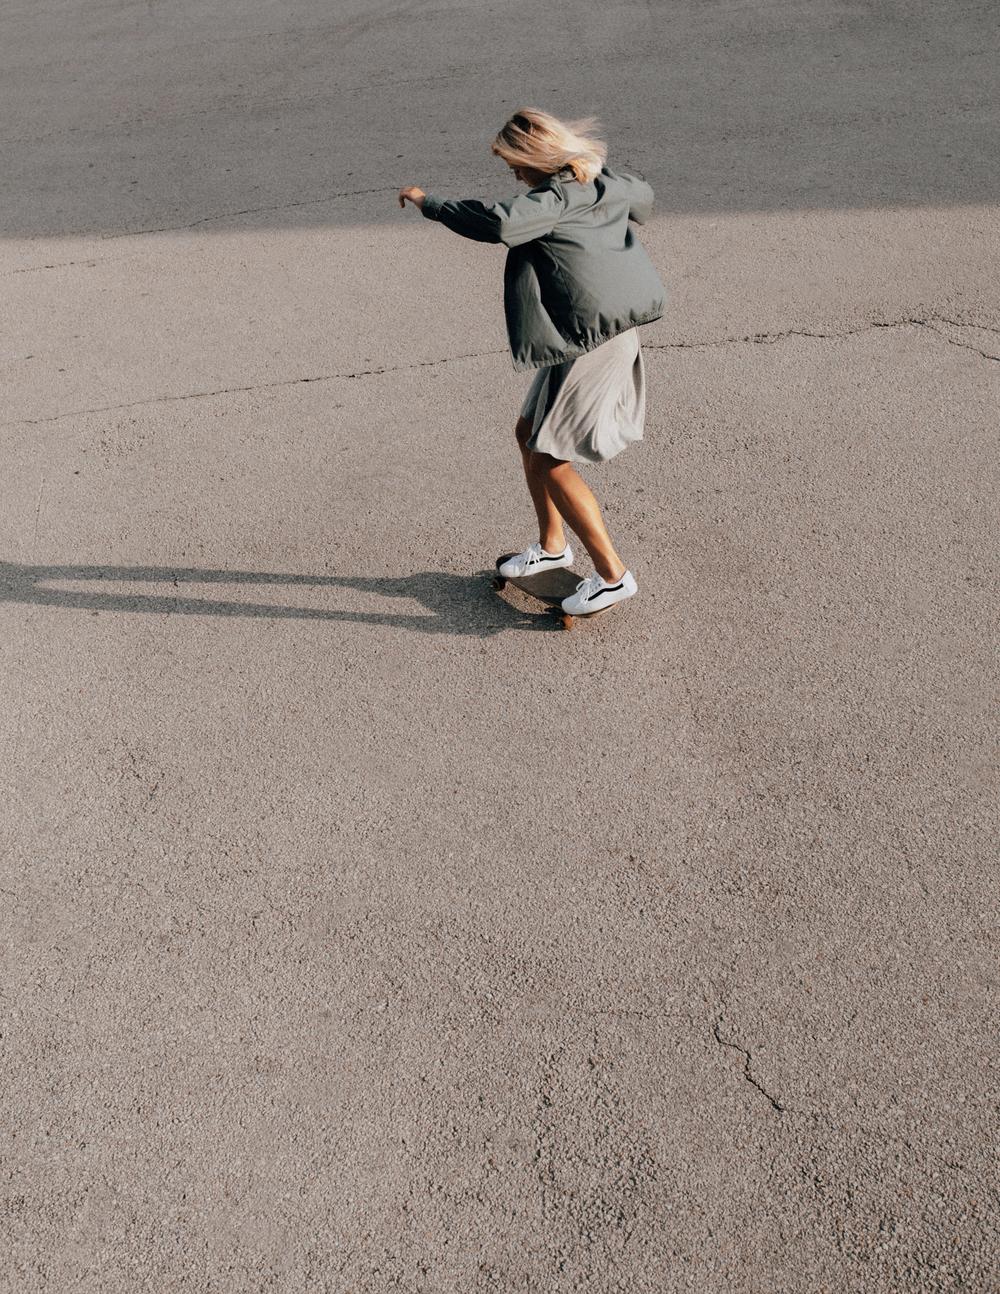 Elise_Skate-41.jpg